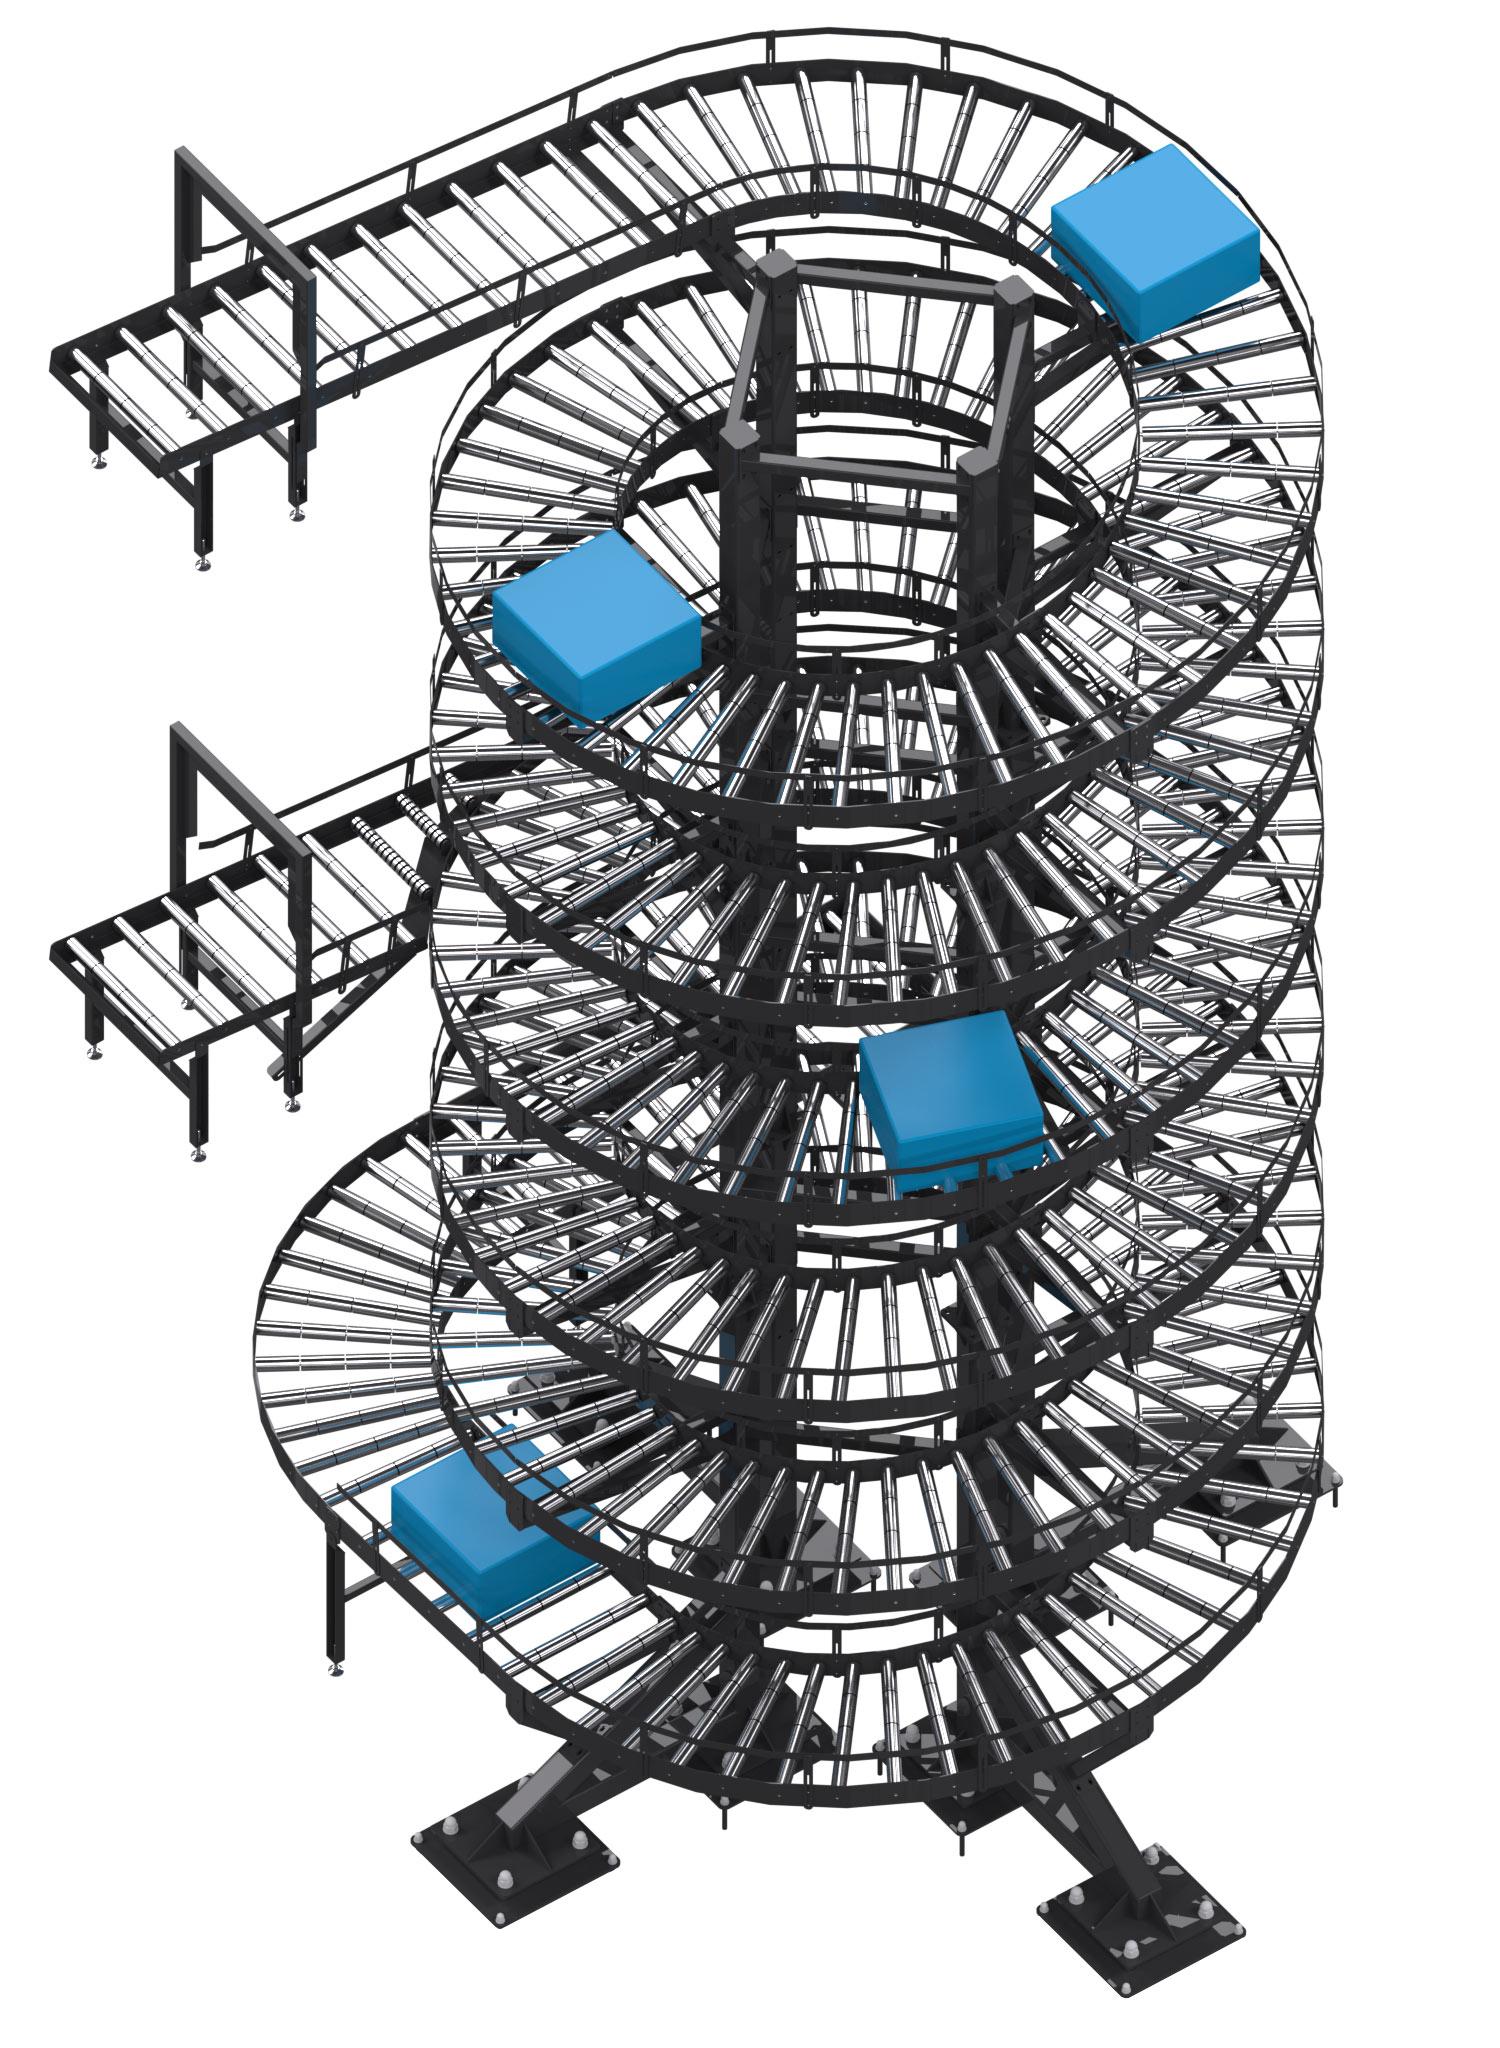 transporter grawitacyjny spiralny